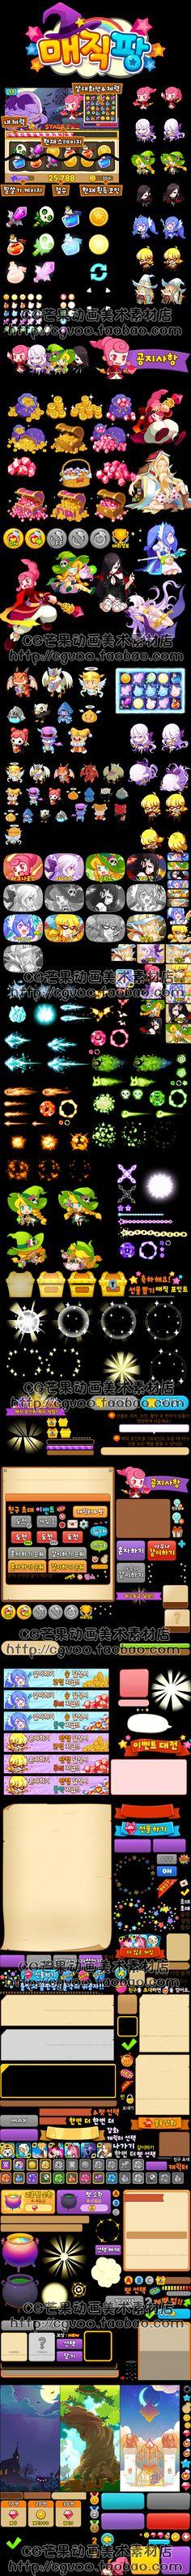 游戏美术资源/韩国消除类手游/女巫之战UI素材/界面/图标/特效-淘宝网